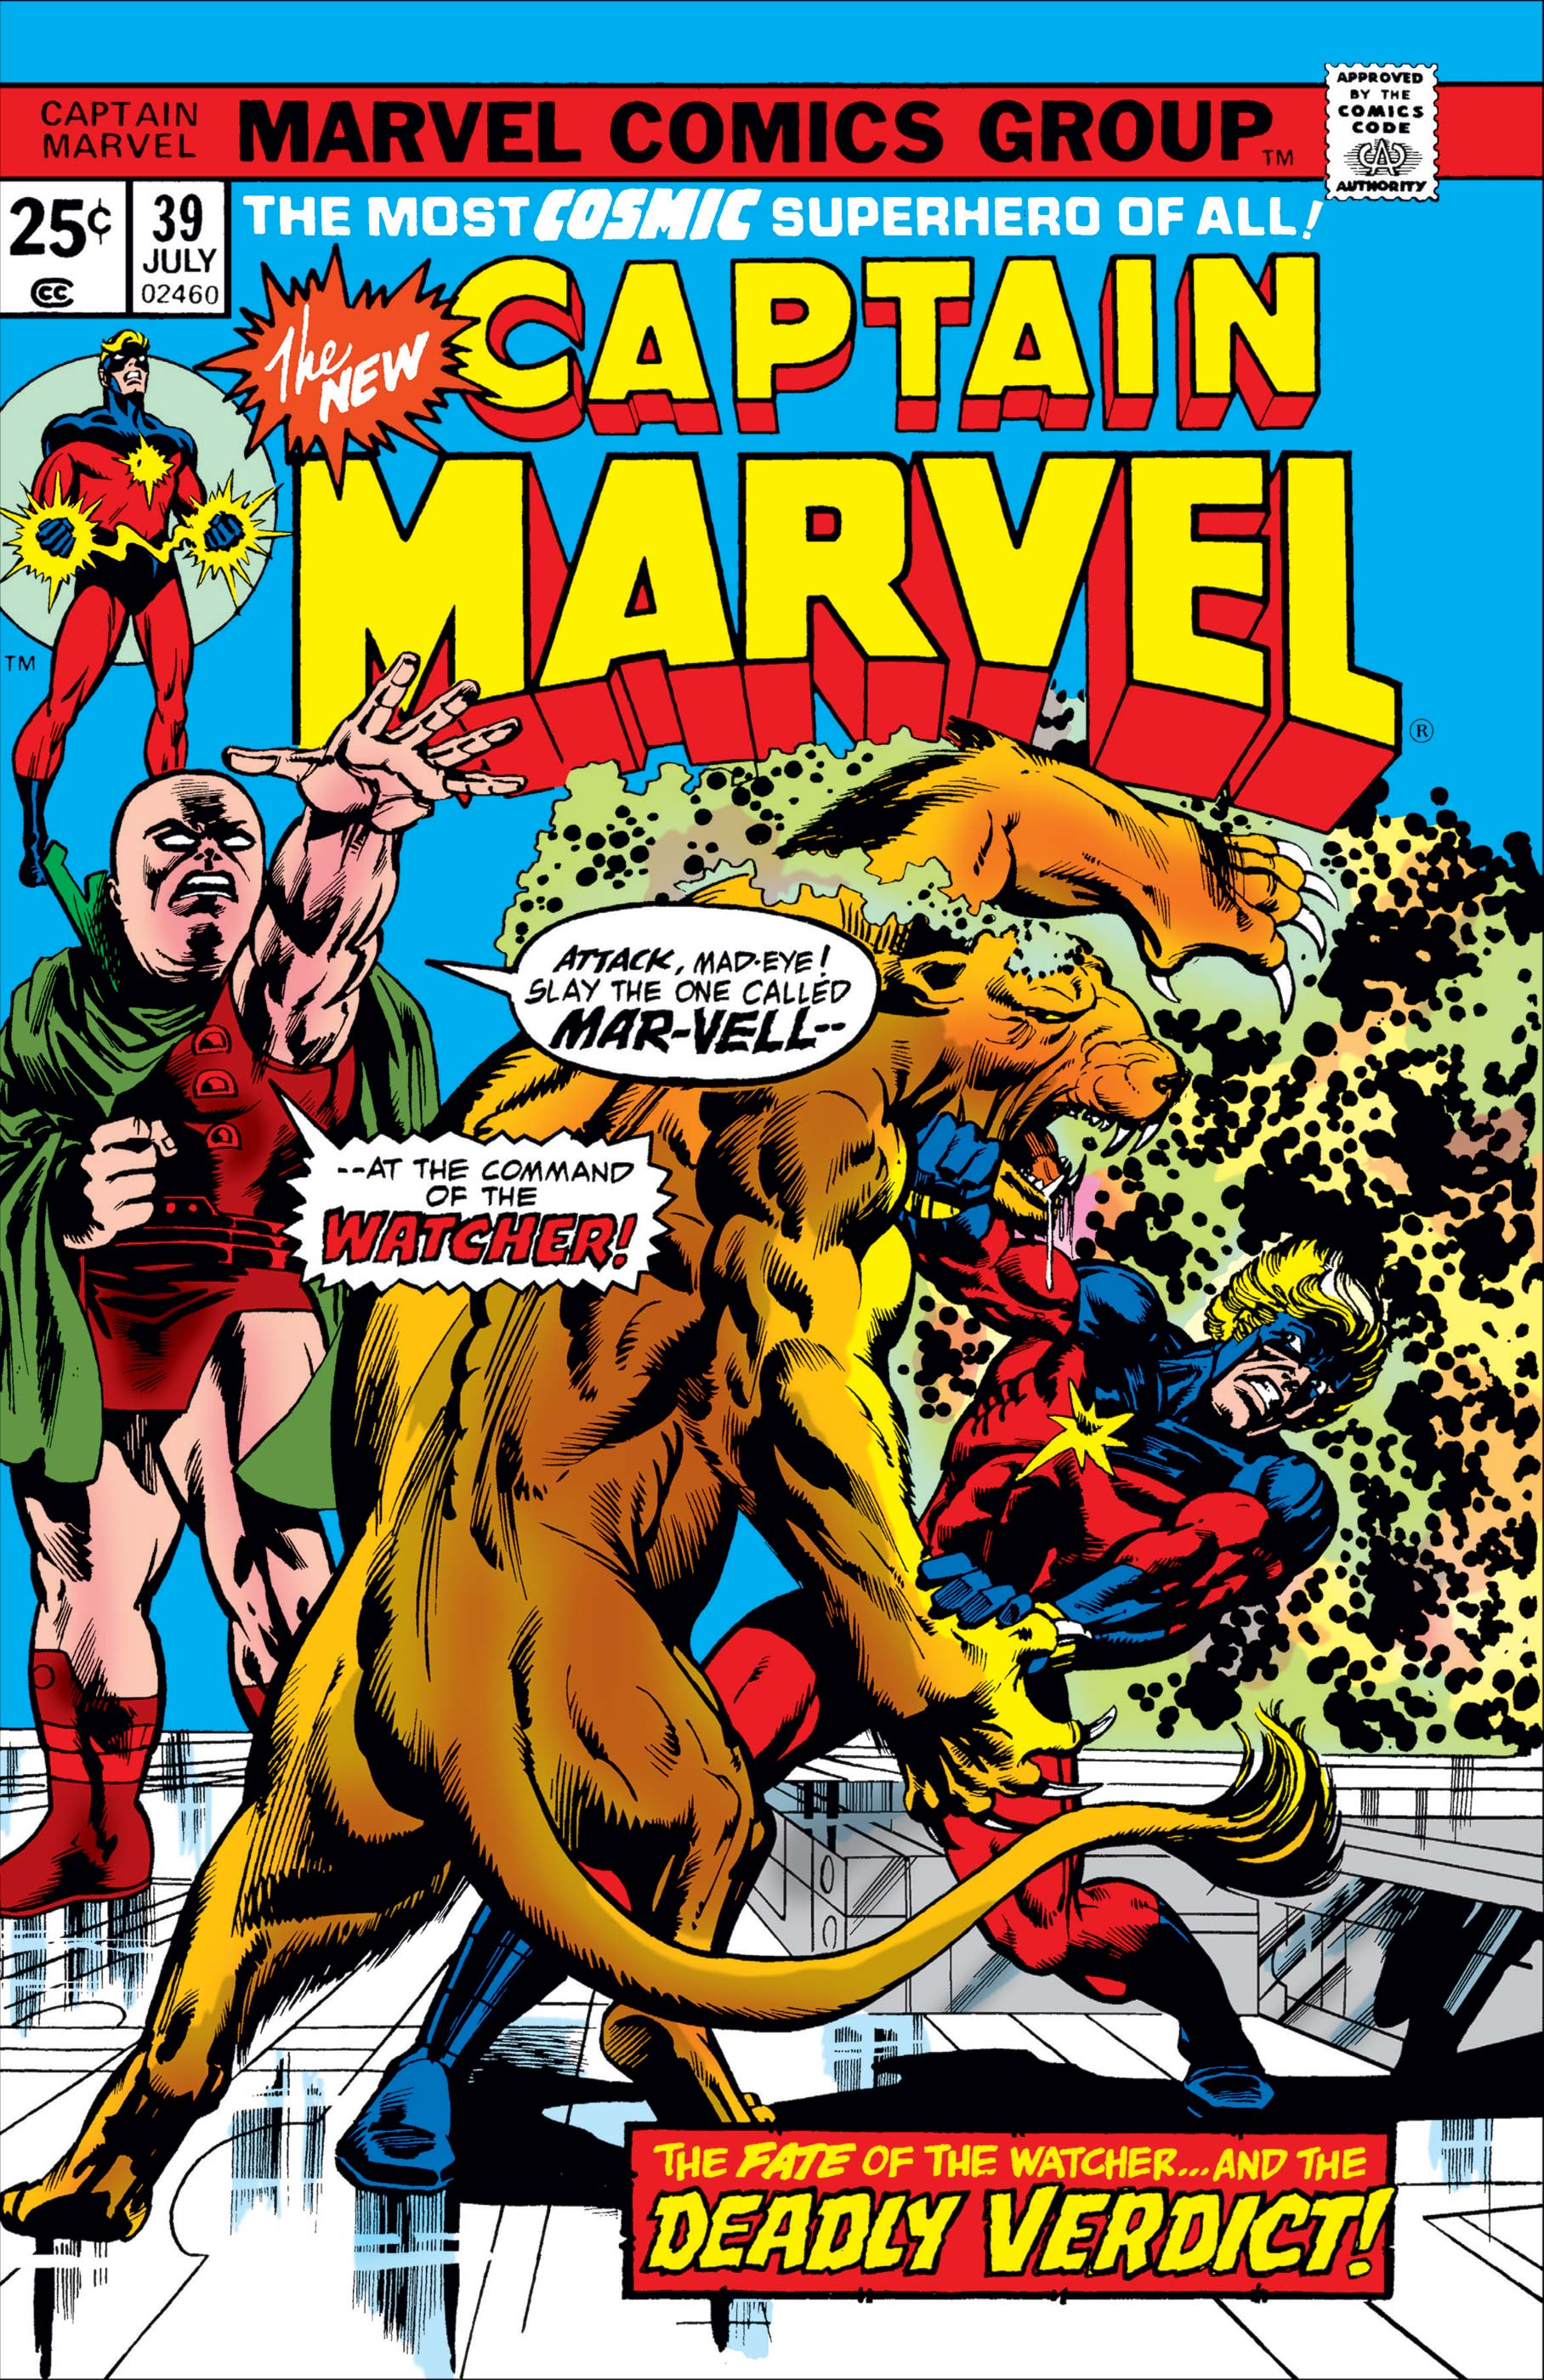 Captain Marvel (1968) #39